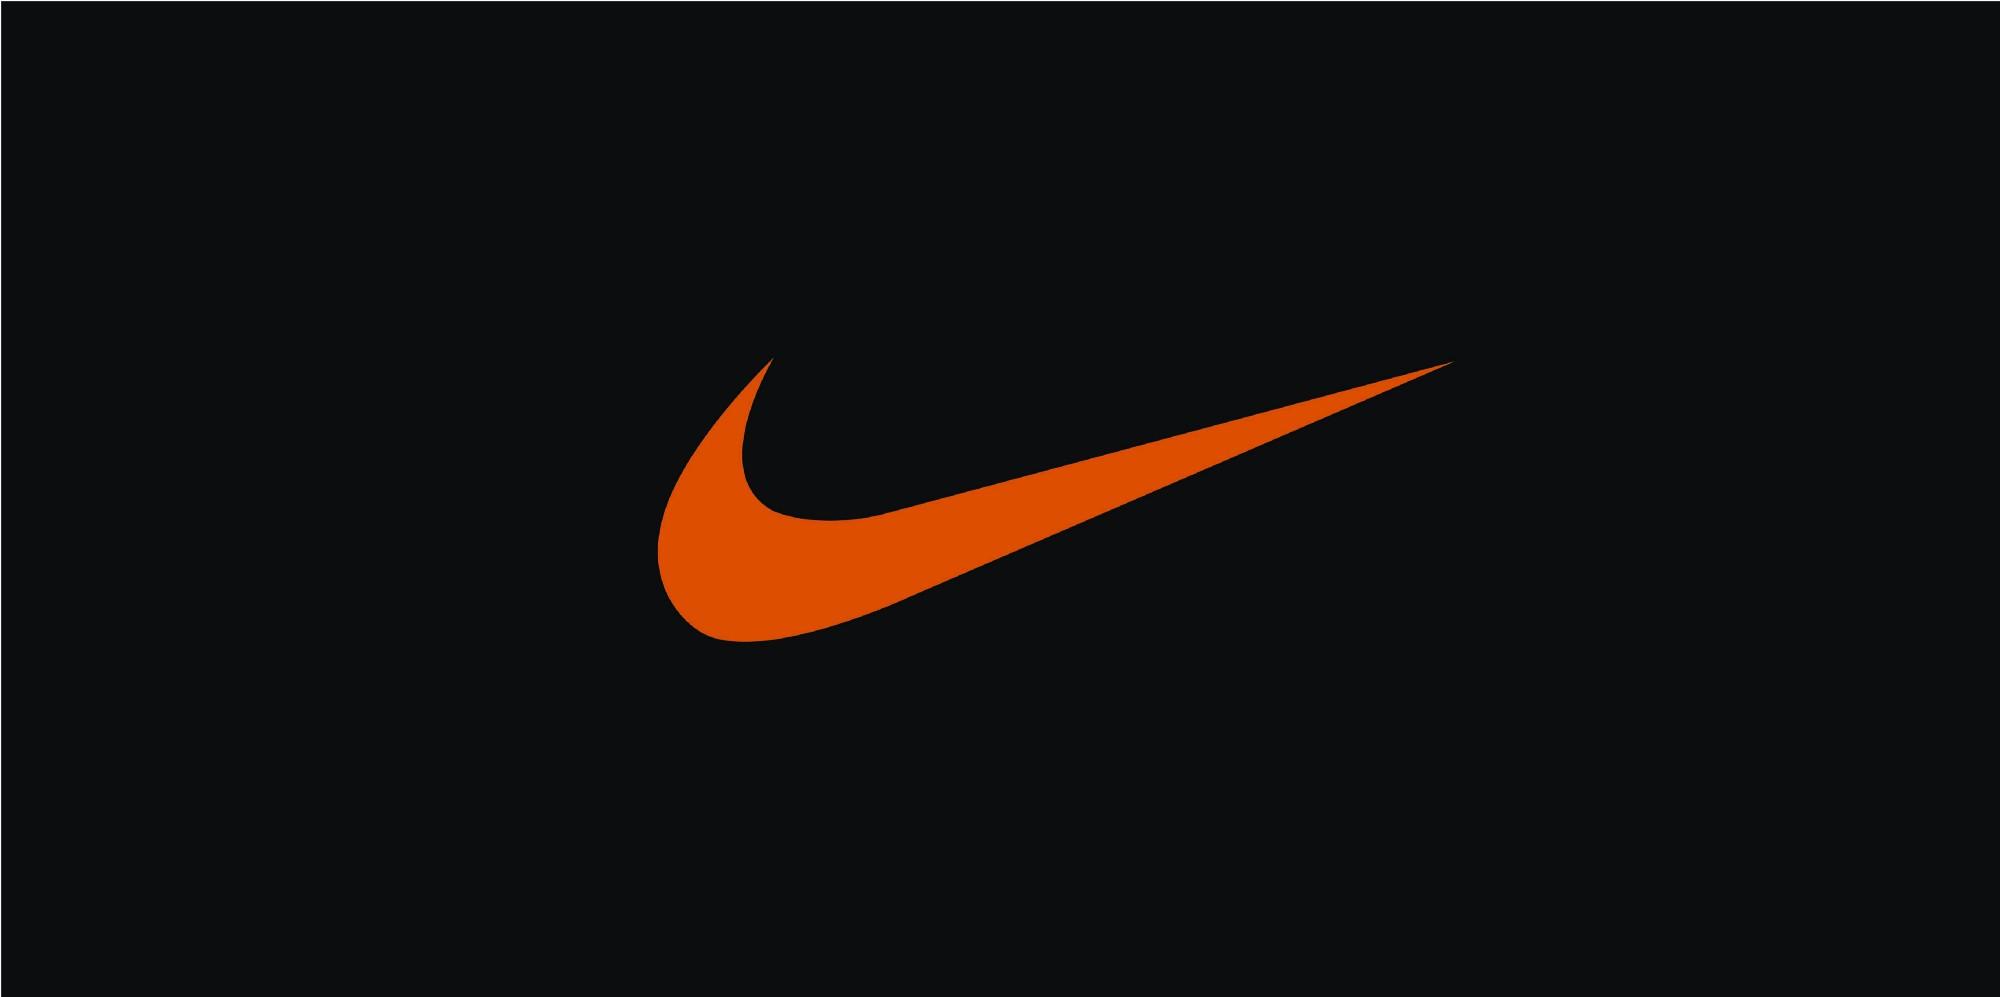 Tasarımdan Markaya Giden Yol: Nike